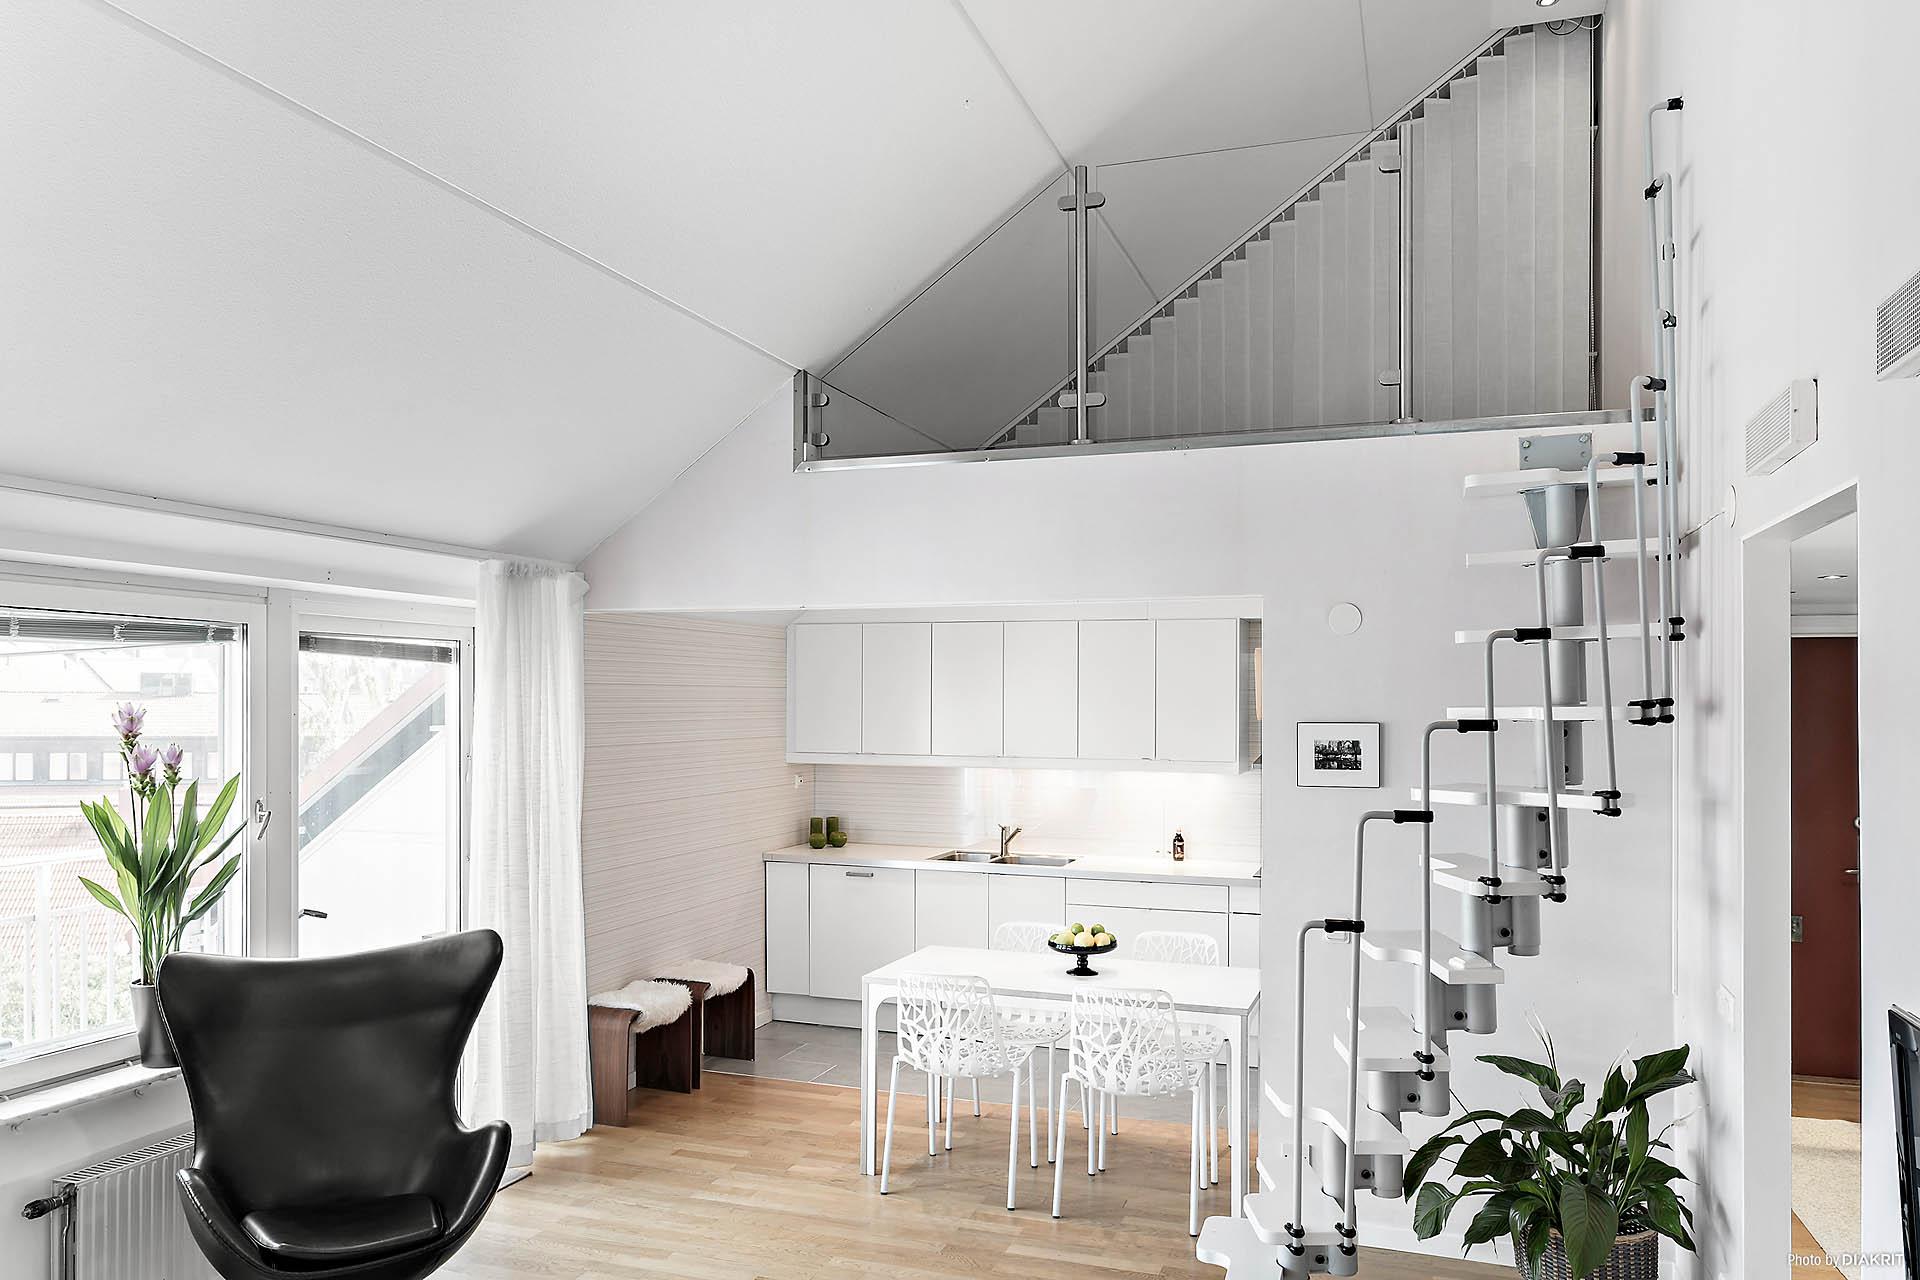 Snygg lösning med loft över köket